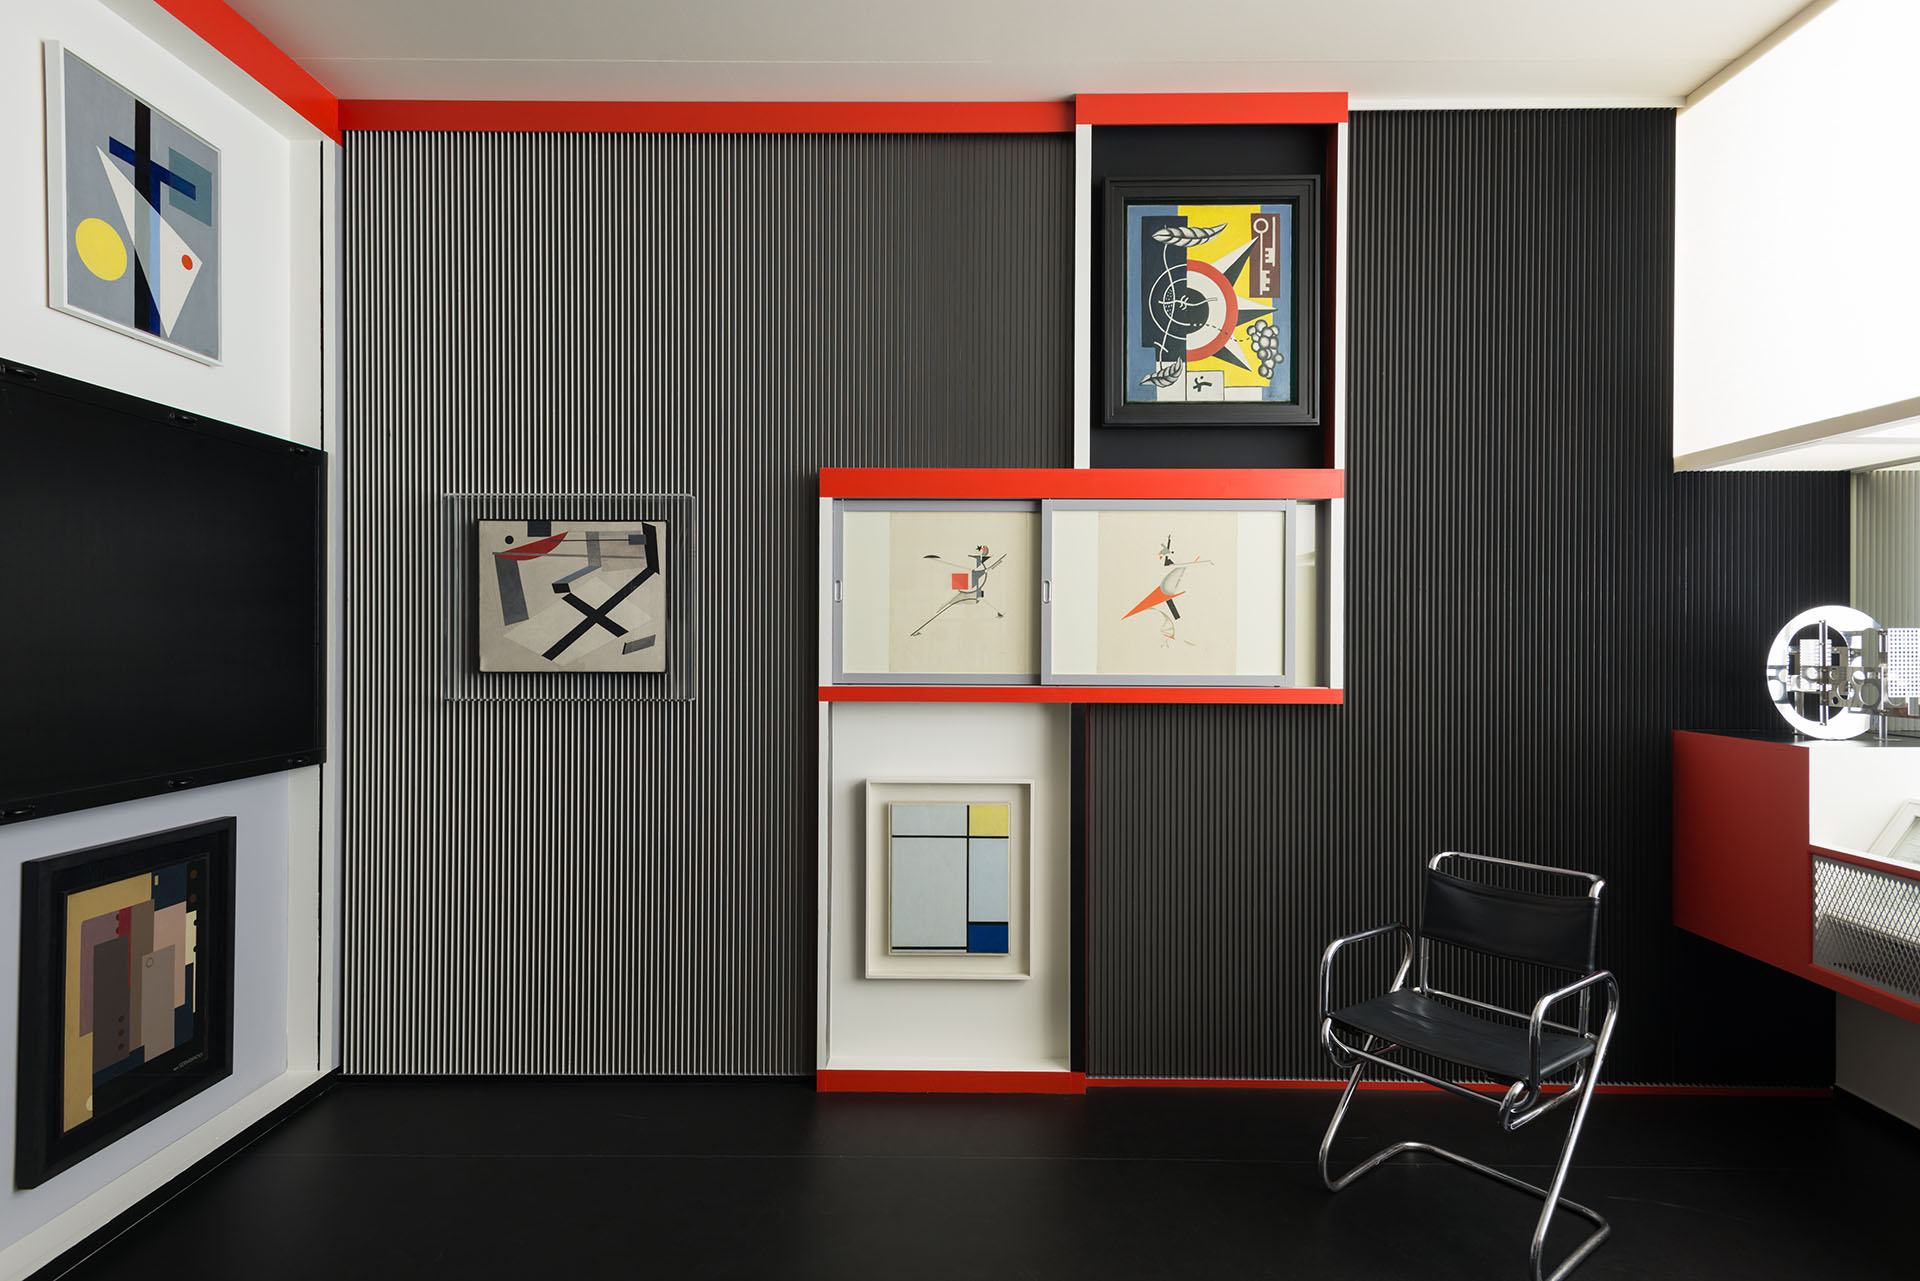 Rekonstruktion von El Lissitzkys Kabinett der Abstrakten aus dem Jahr 1927, 2016/17 im Sprengel Museum Hannover.  Foto: Herling / Herling / Werner, Sprengel Museum Hannover